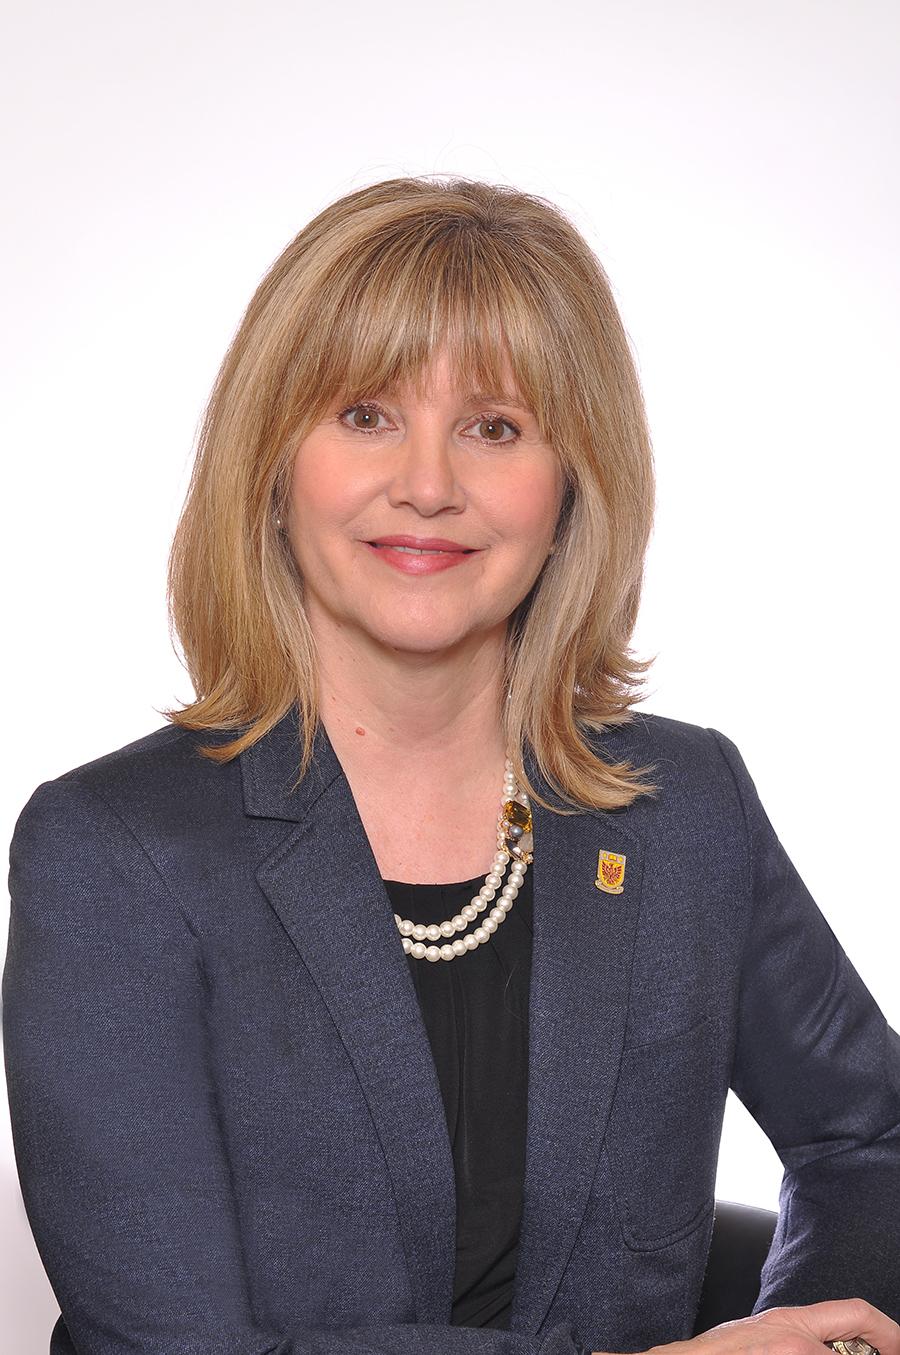 Dr. Susan Reid